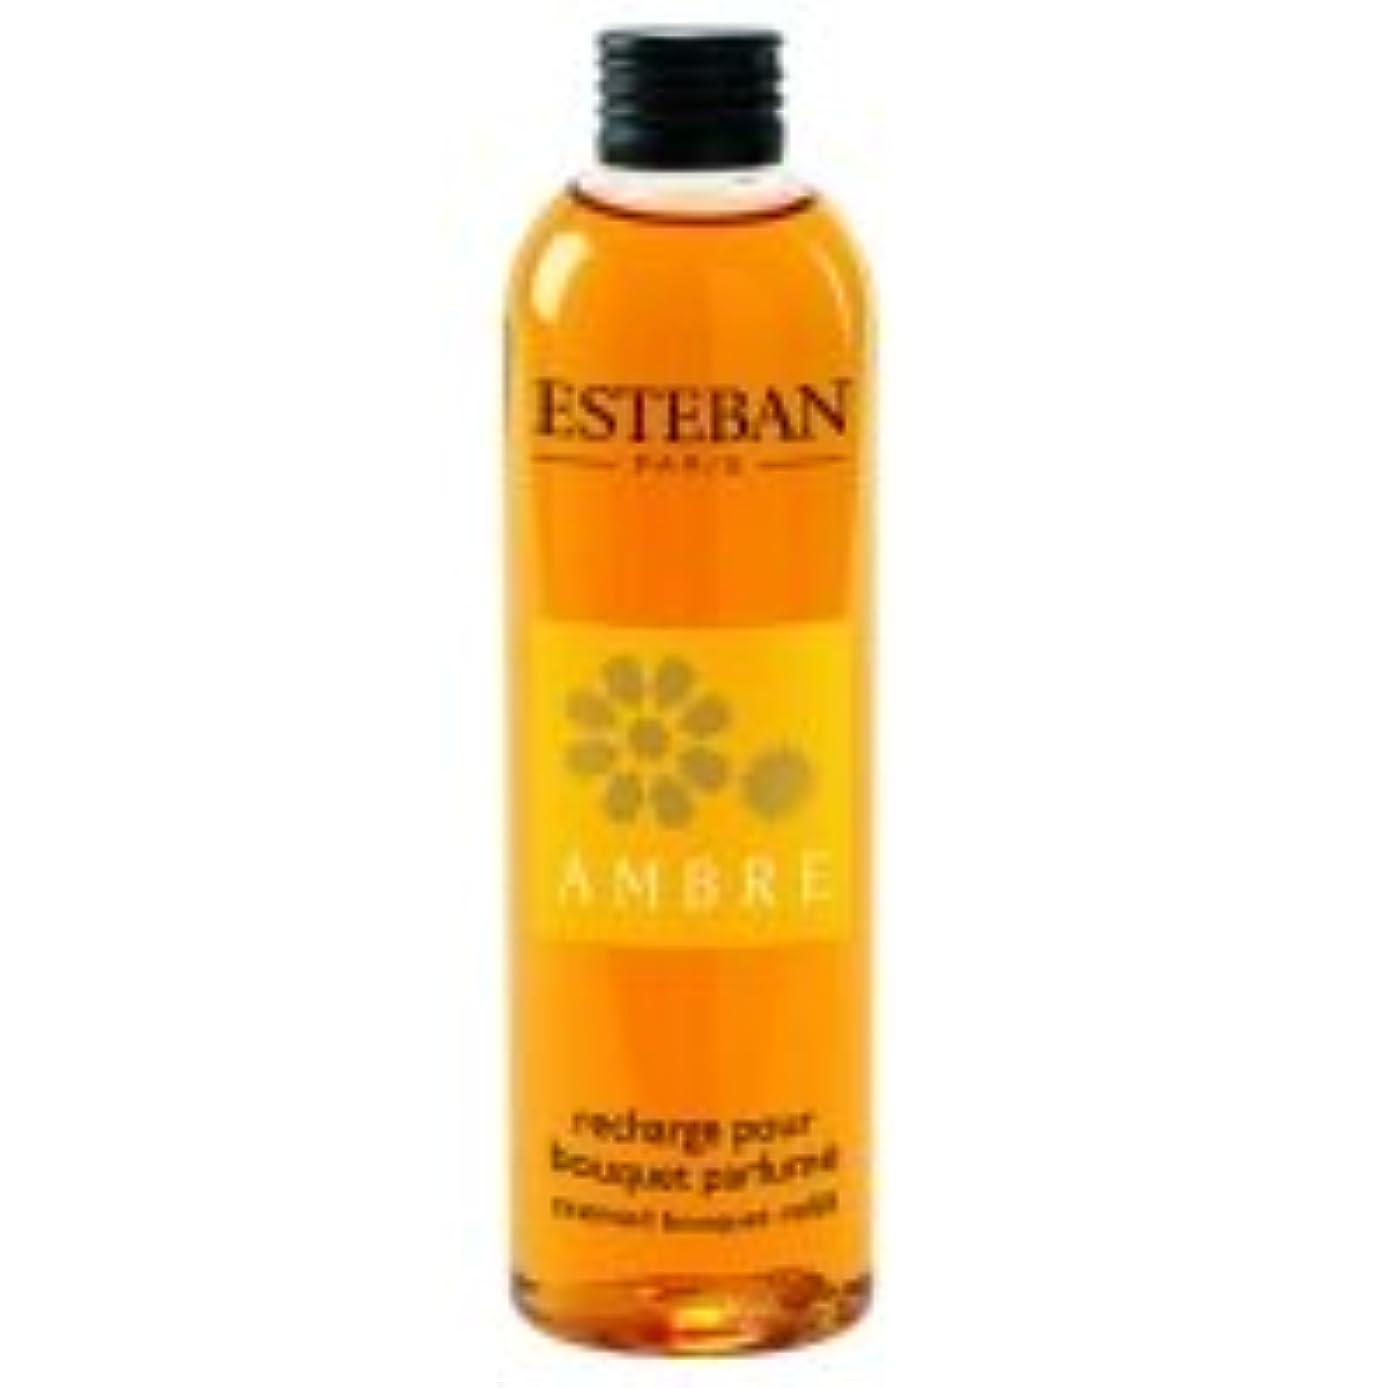 アセ大脳香水ESTEBAN フレグランスリフィル アンバー 250ml 1本